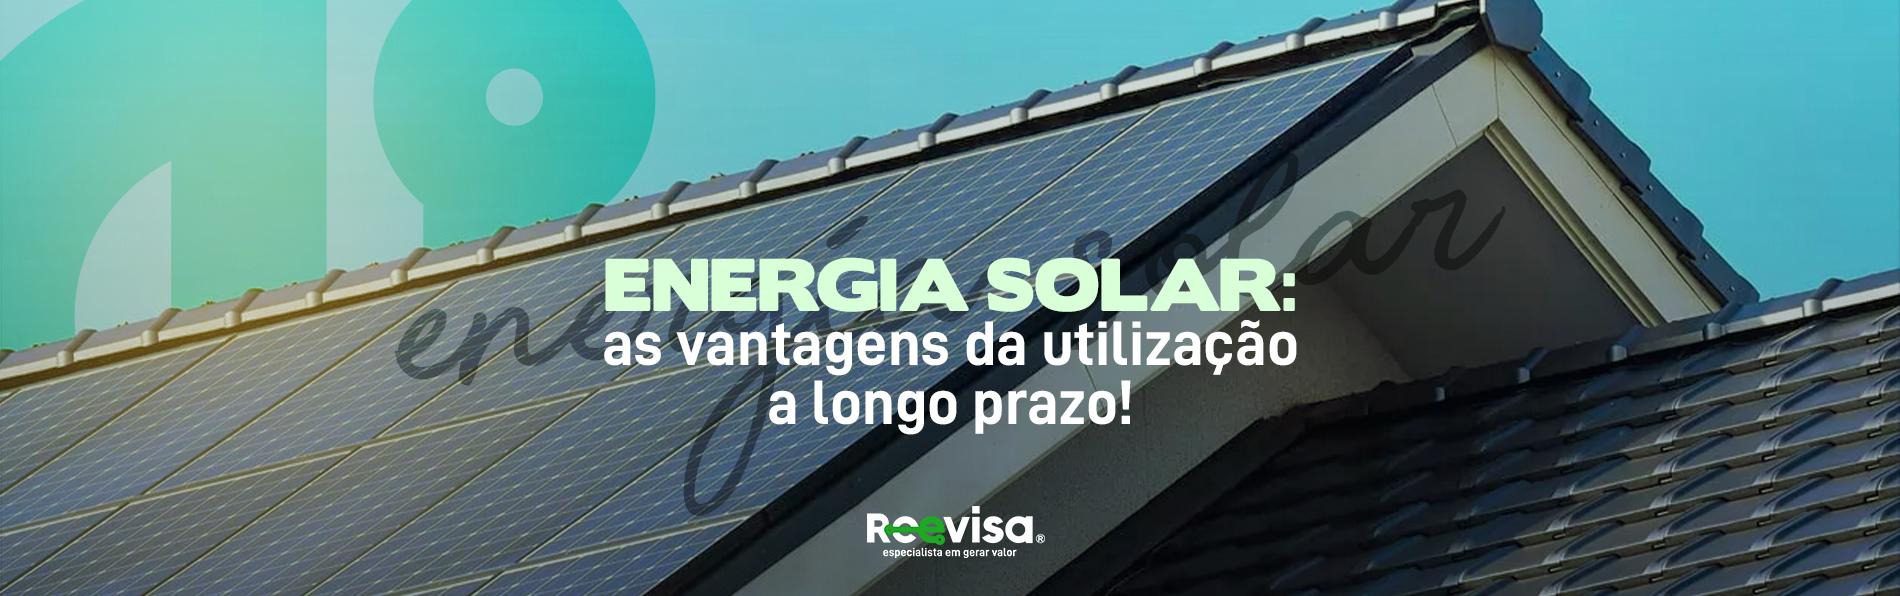 Energia solar: as vantagens da utilização a longo prazo